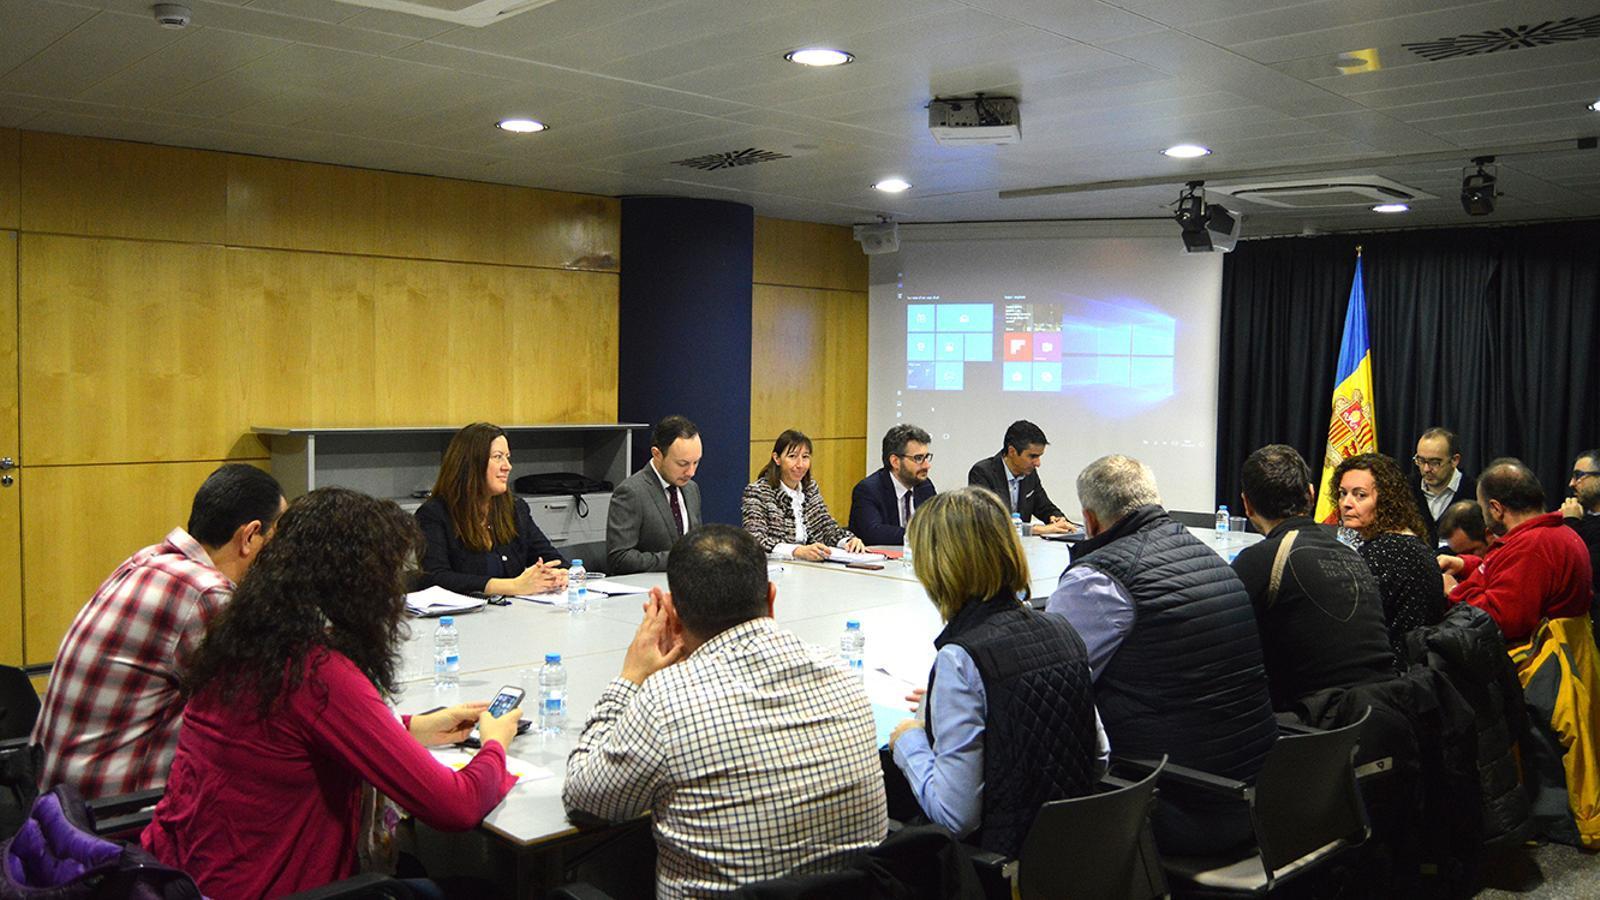 La darrera trobada entre els sindicats i els representants del Govern. / M. F. (ANA)